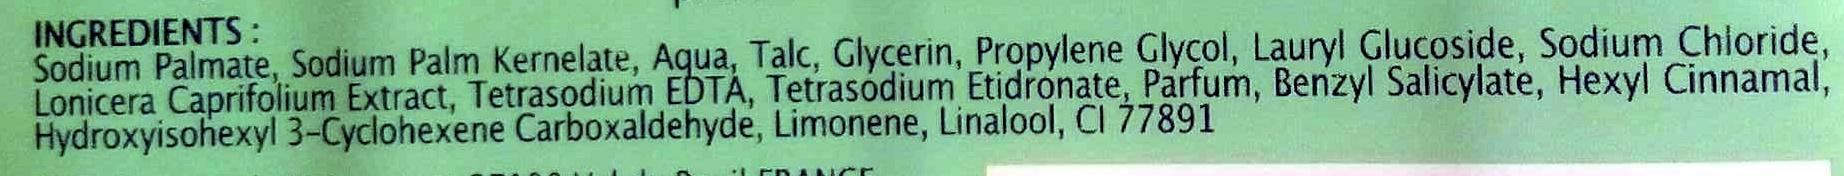 savon extra doux Chevrefeuille - Ingredients - en